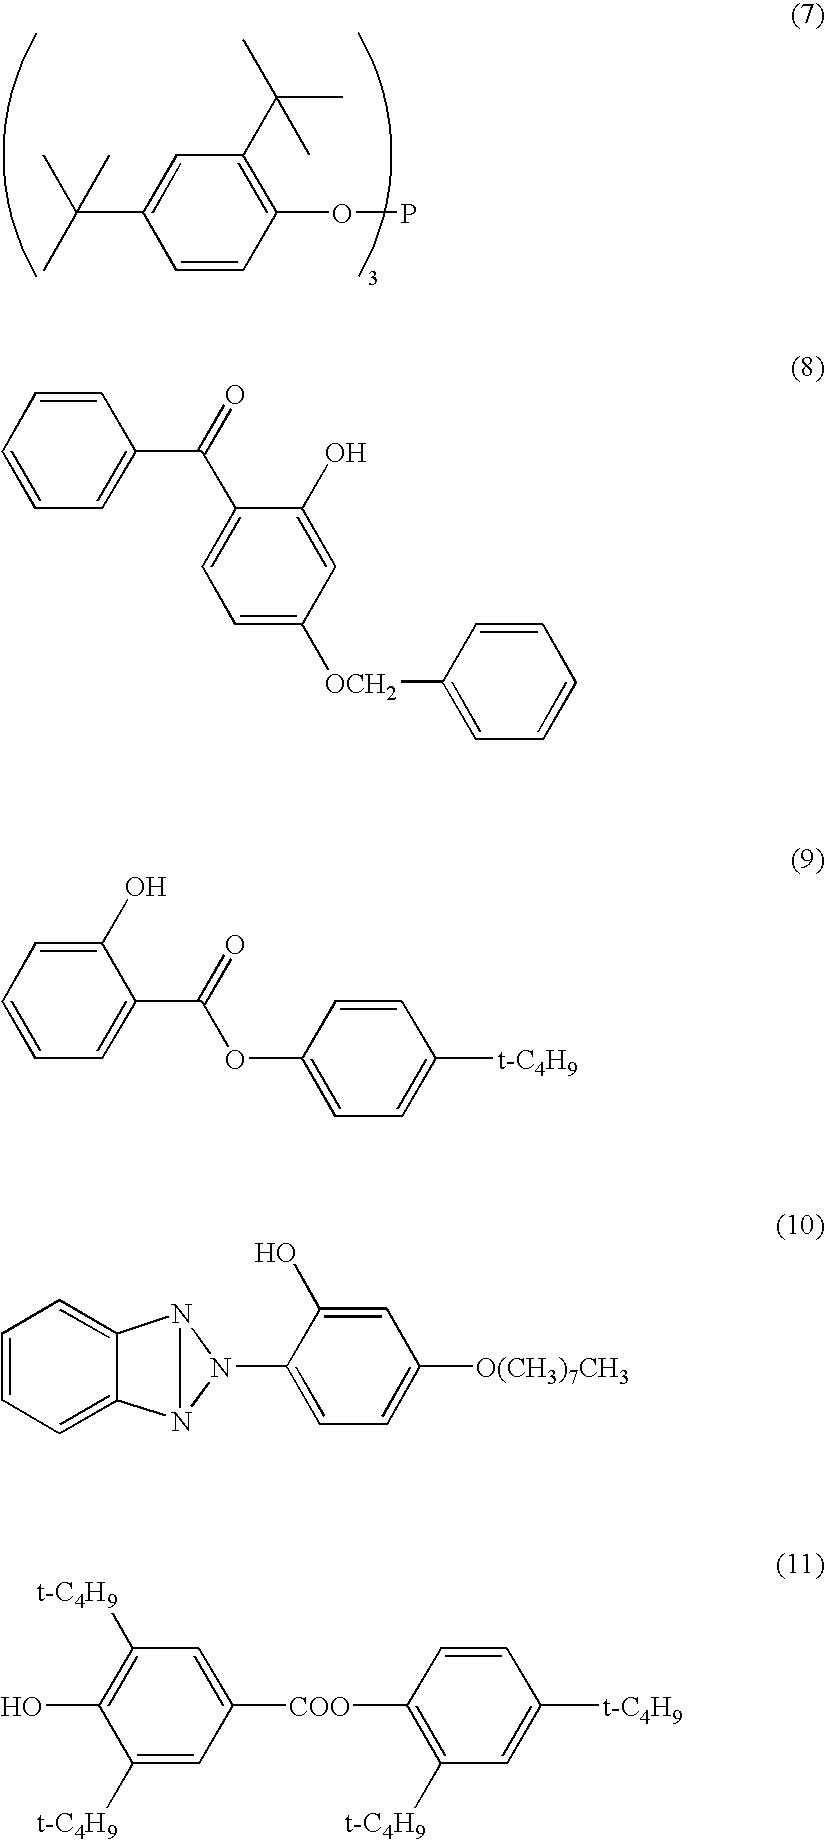 Figure US20050191446A1-20050901-C00030